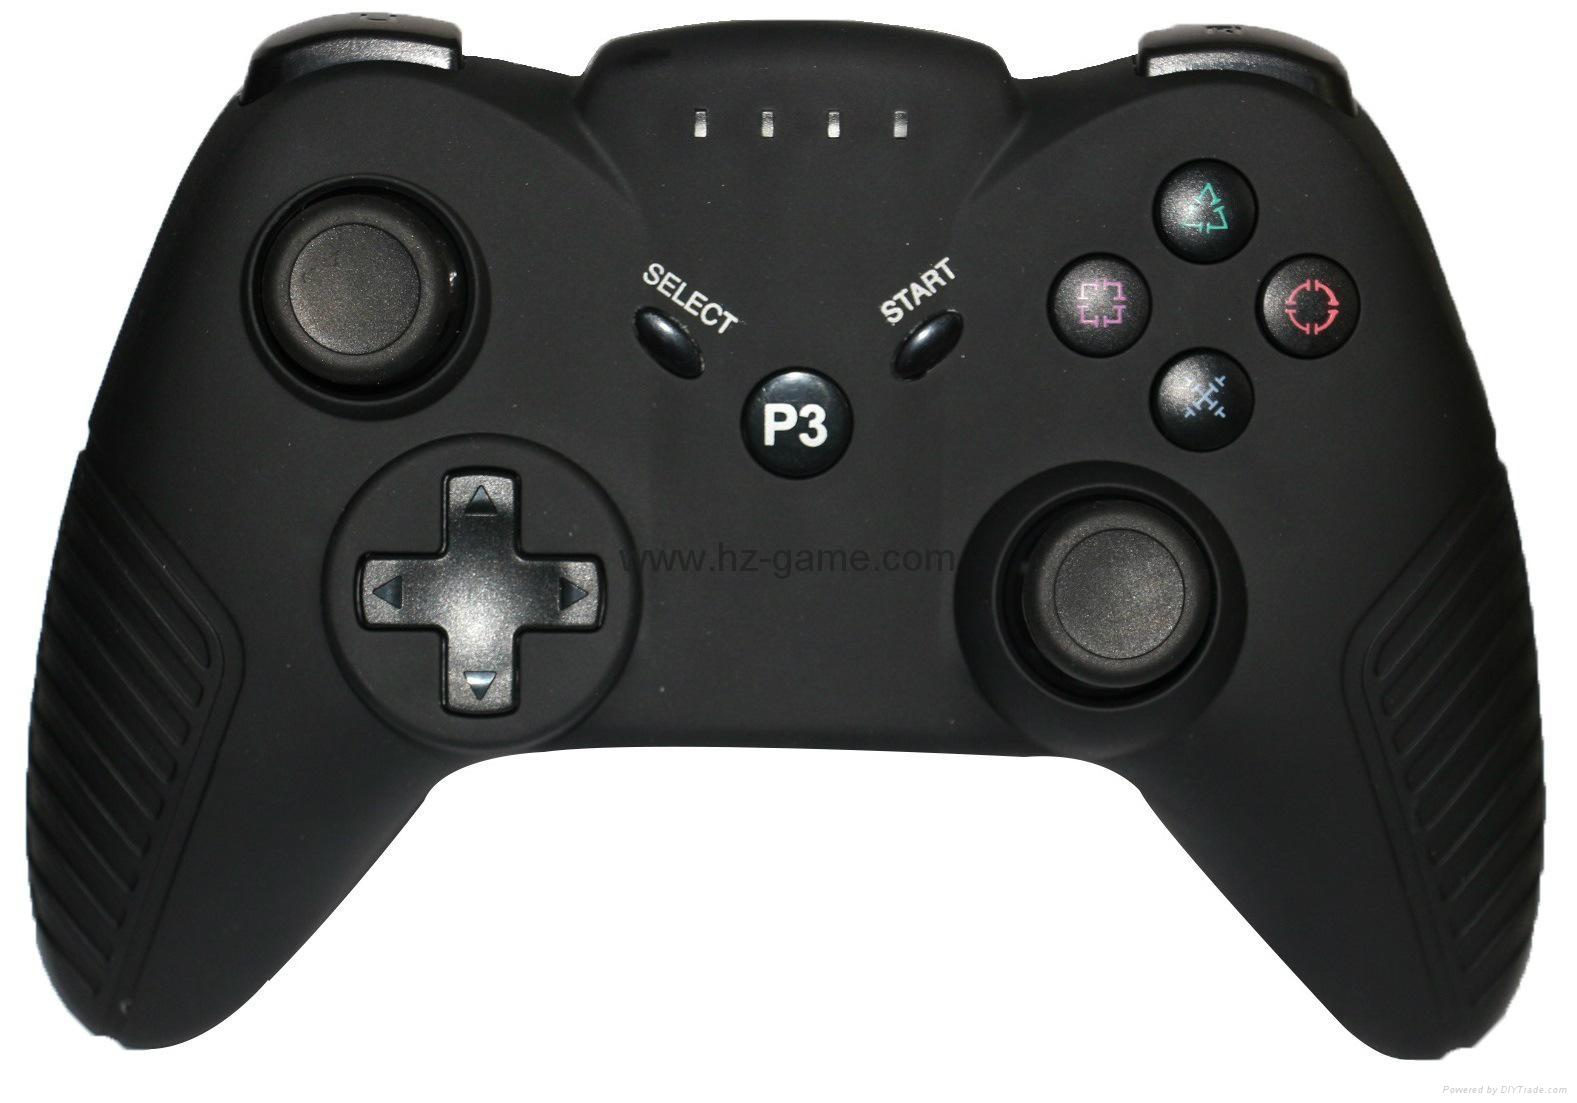 迷彩色PS3藍牙手柄 PS3無線六軸藍牙雙震手柄 無線手柄 遊戲手柄 9